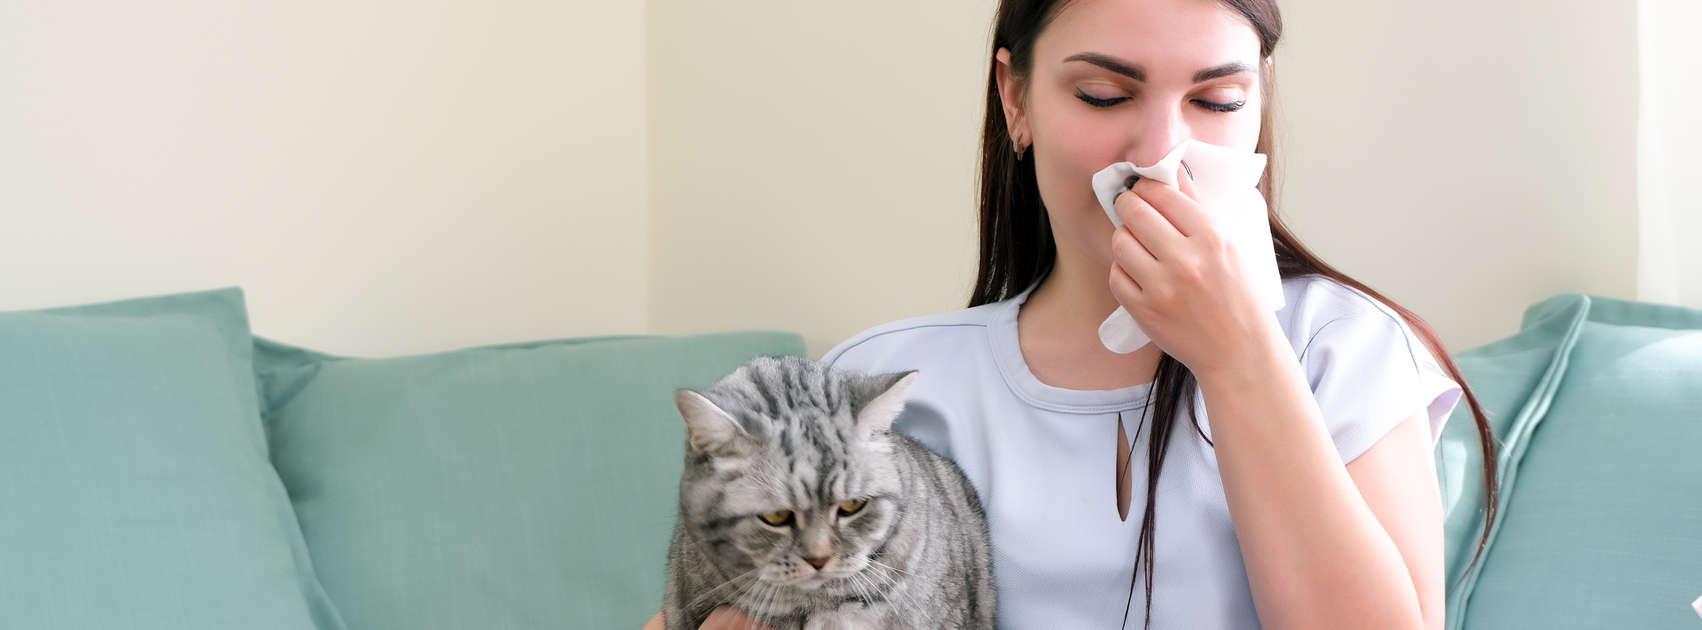 une jeune femme éternue d'allergie à son chat.